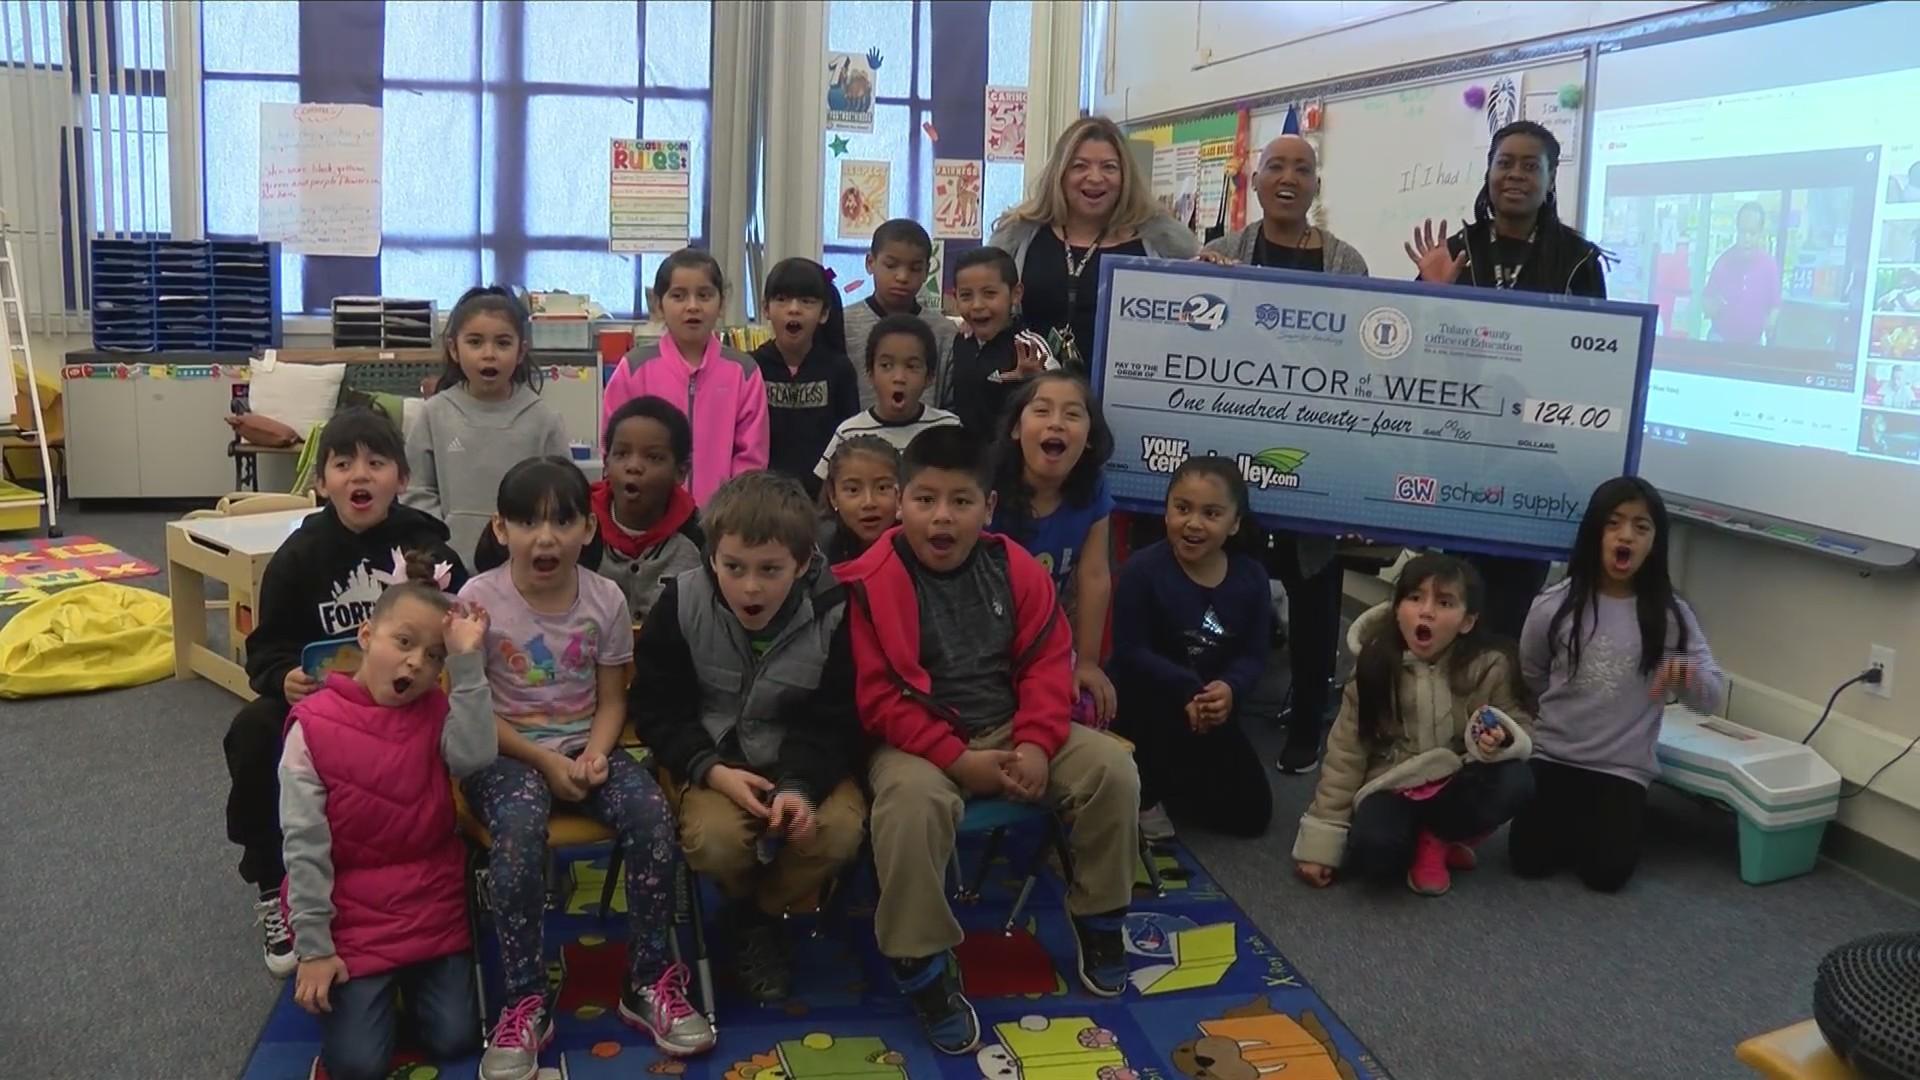 Educator of the Week